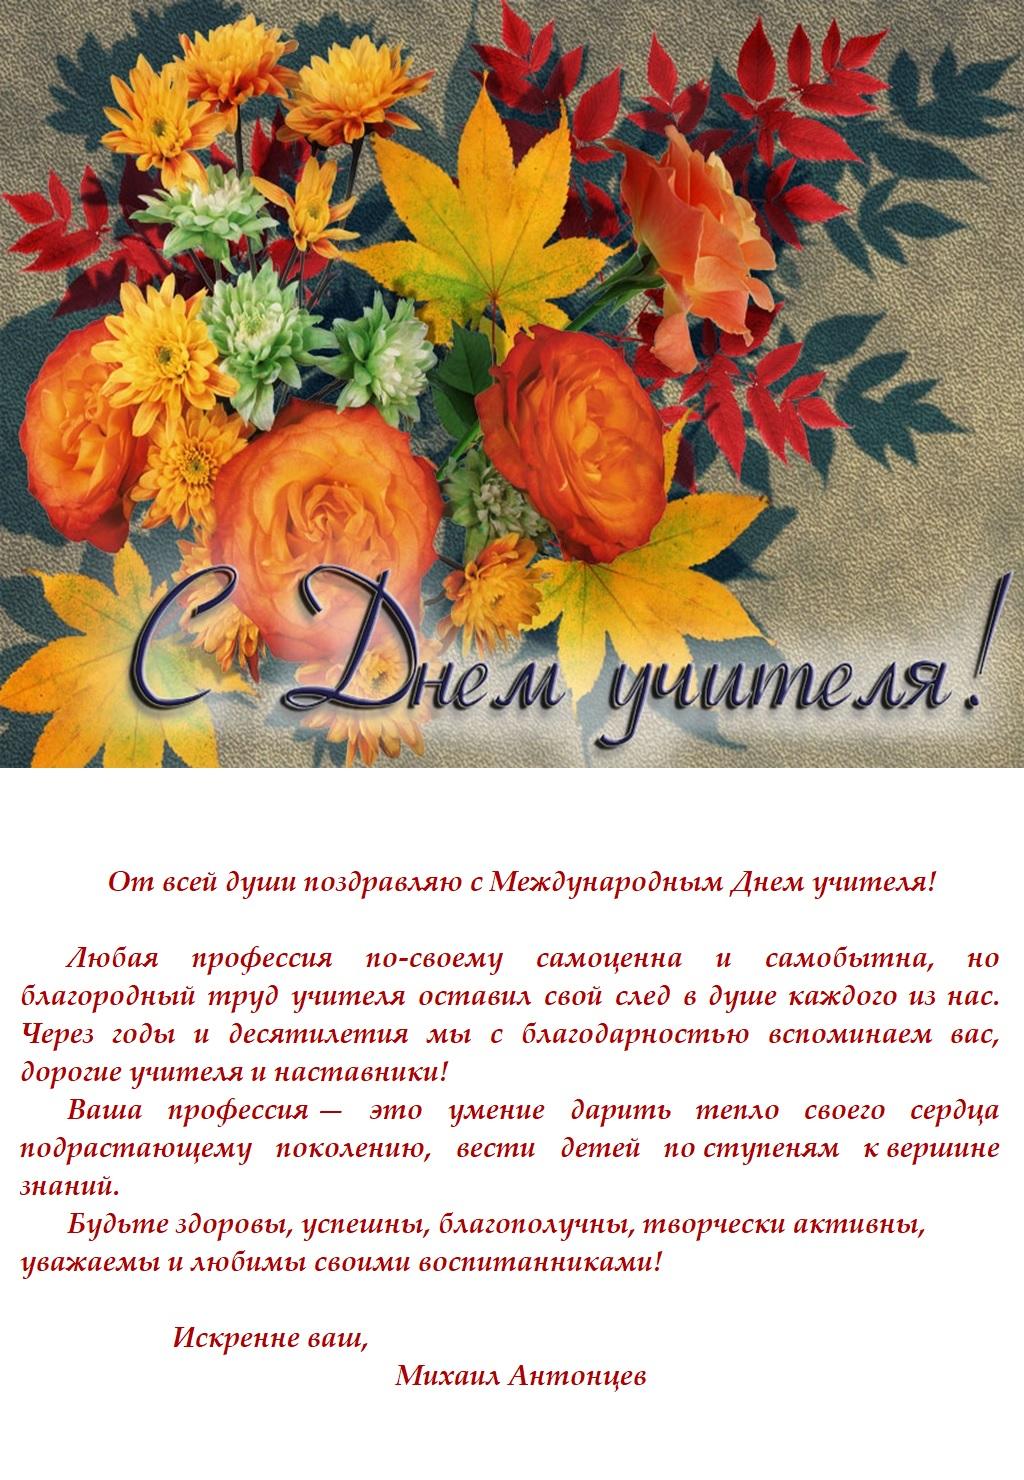 Поздравление с Международным Днем учителя от Михаила Антонцева